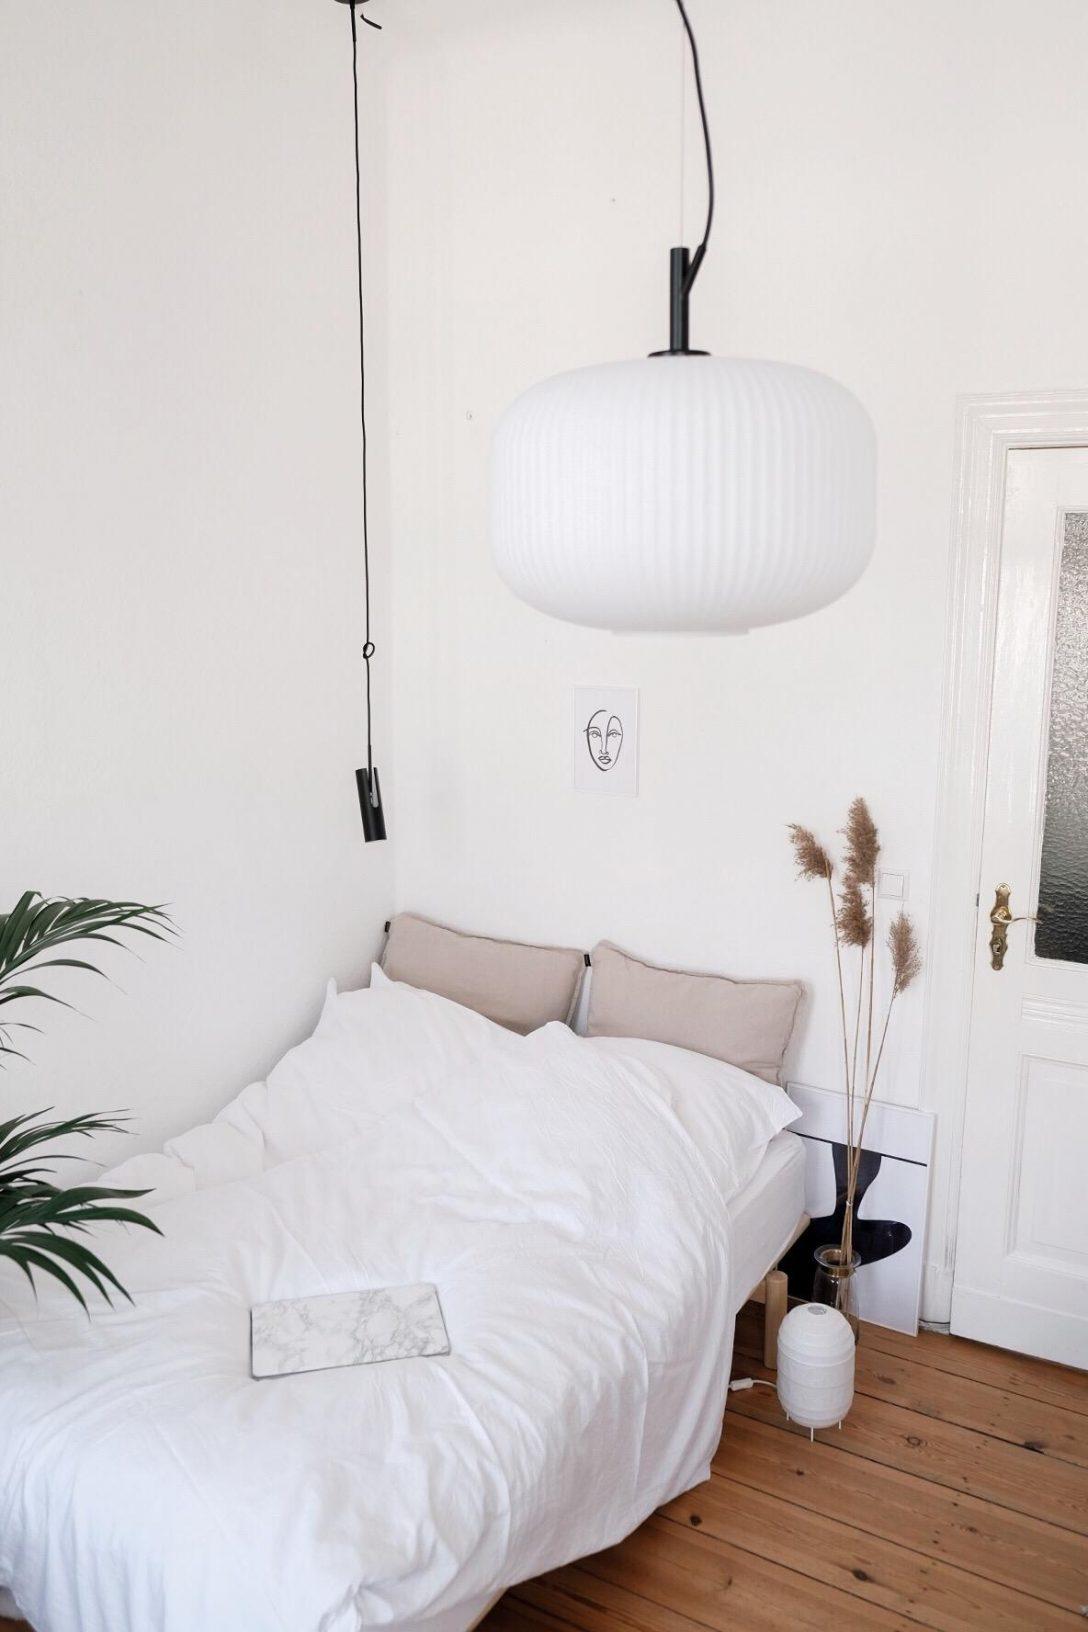 Large Size of Lampe Schlafzimmer Bedroom Deckenleuchte Bett Deckenlampen Wohnzimmer Modern Eckschrank Kommoden Kommode Wandleuchte Günstig Deckenlampe Küche Truhe Für Schlafzimmer Lampe Schlafzimmer